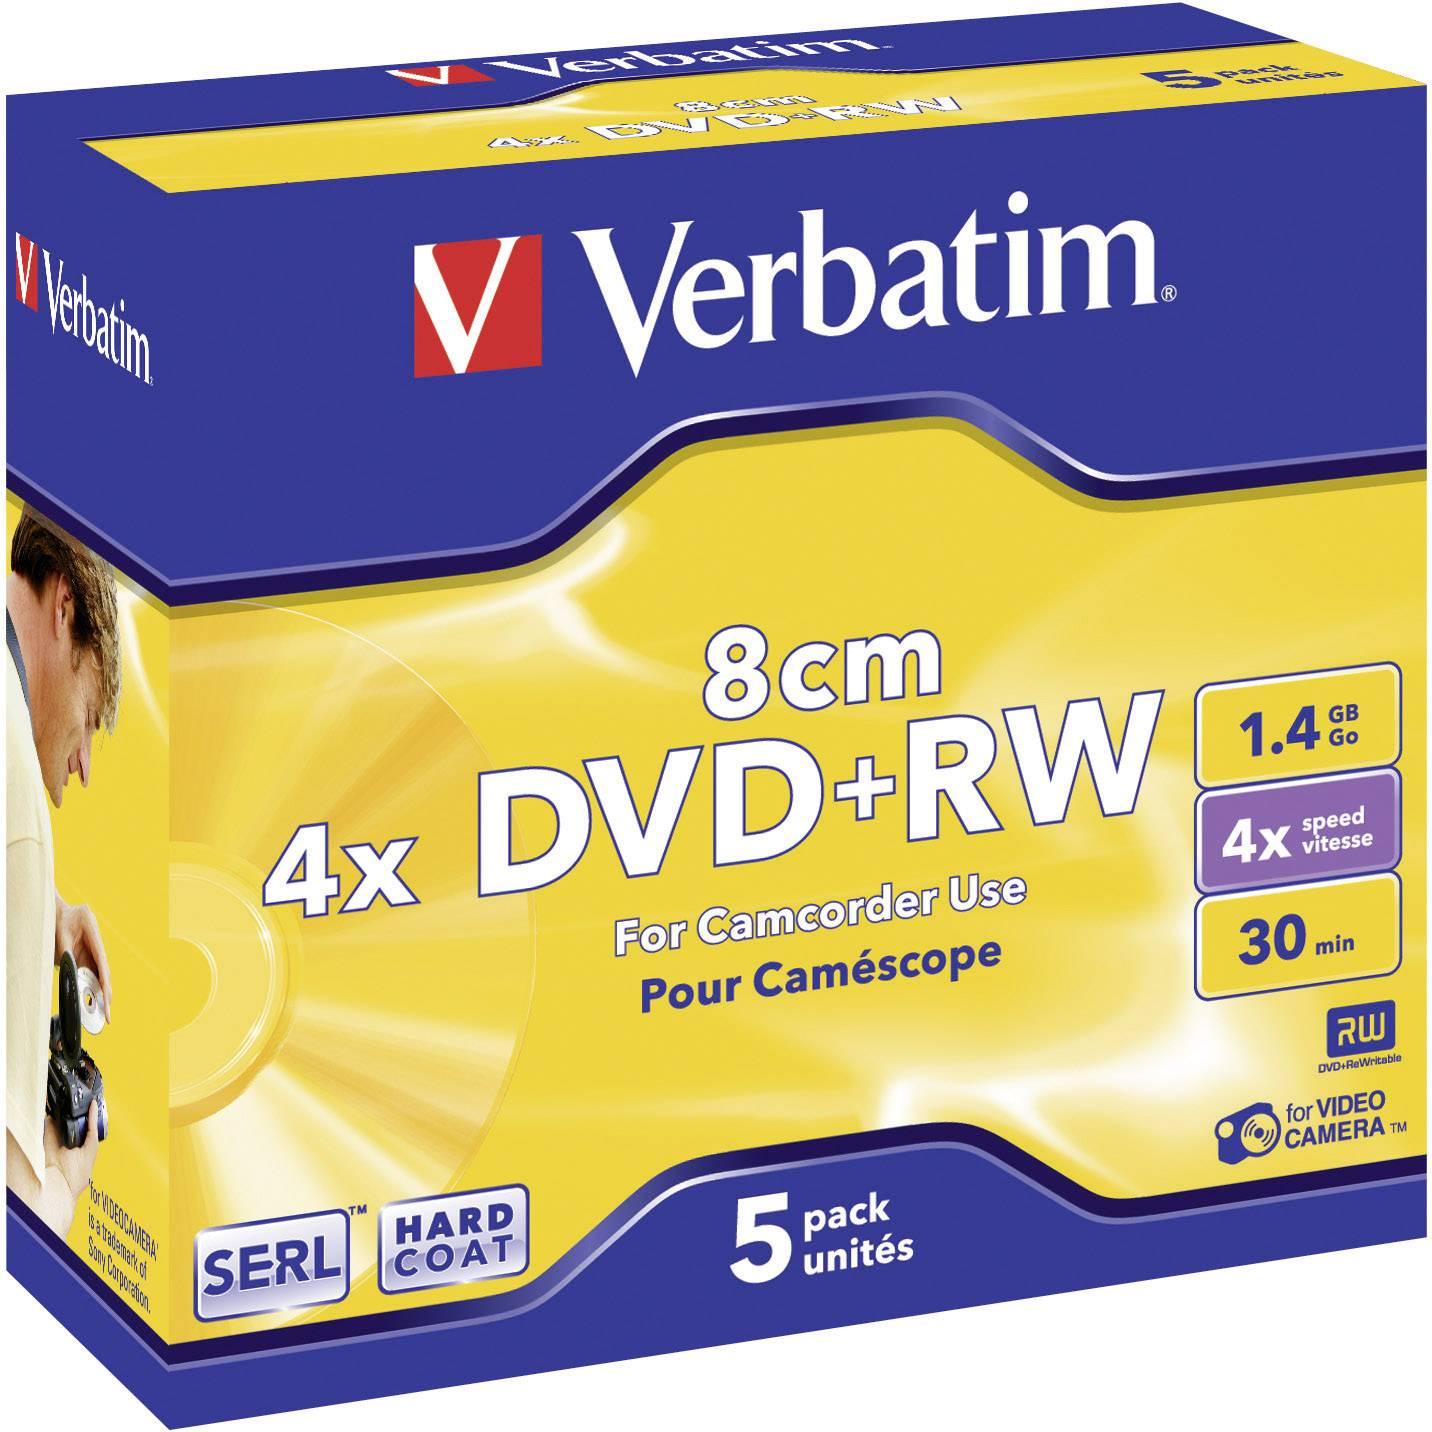 Mini DVD+RW- 8 cm 1.4 GB Verbatim 43565, prepisovateľné, strieborný matný povrch, 5 ks, Jewelcase